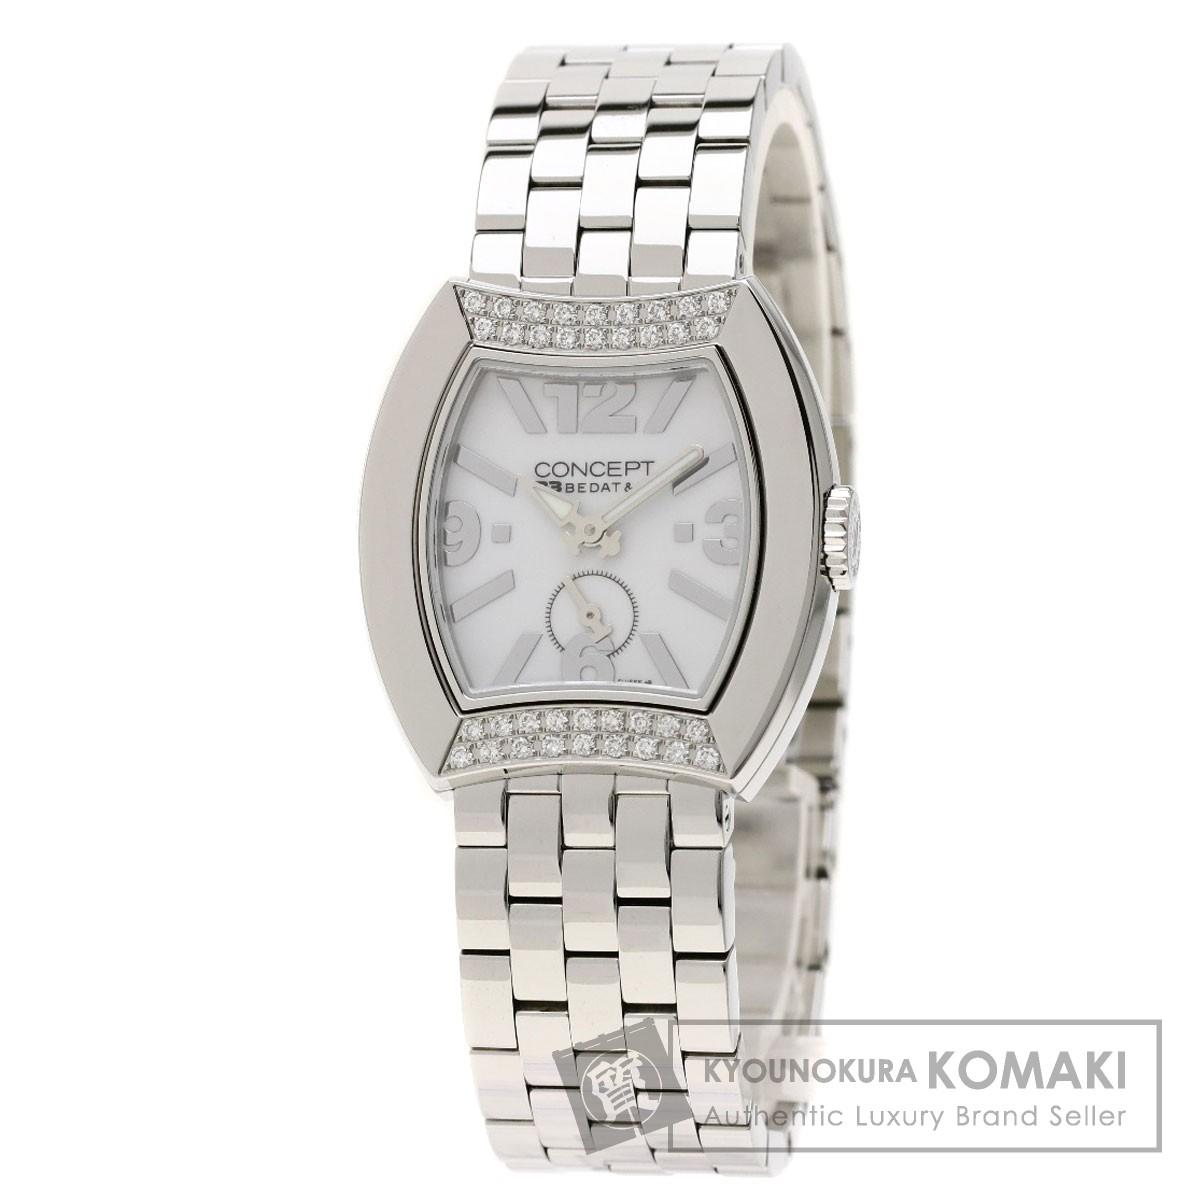 ベダ&カンパニー Ref.CB03 コンセプト ダイヤモンド 腕時計 ステンレススチール/SS レディース 【中古】【BEDAT&Co】